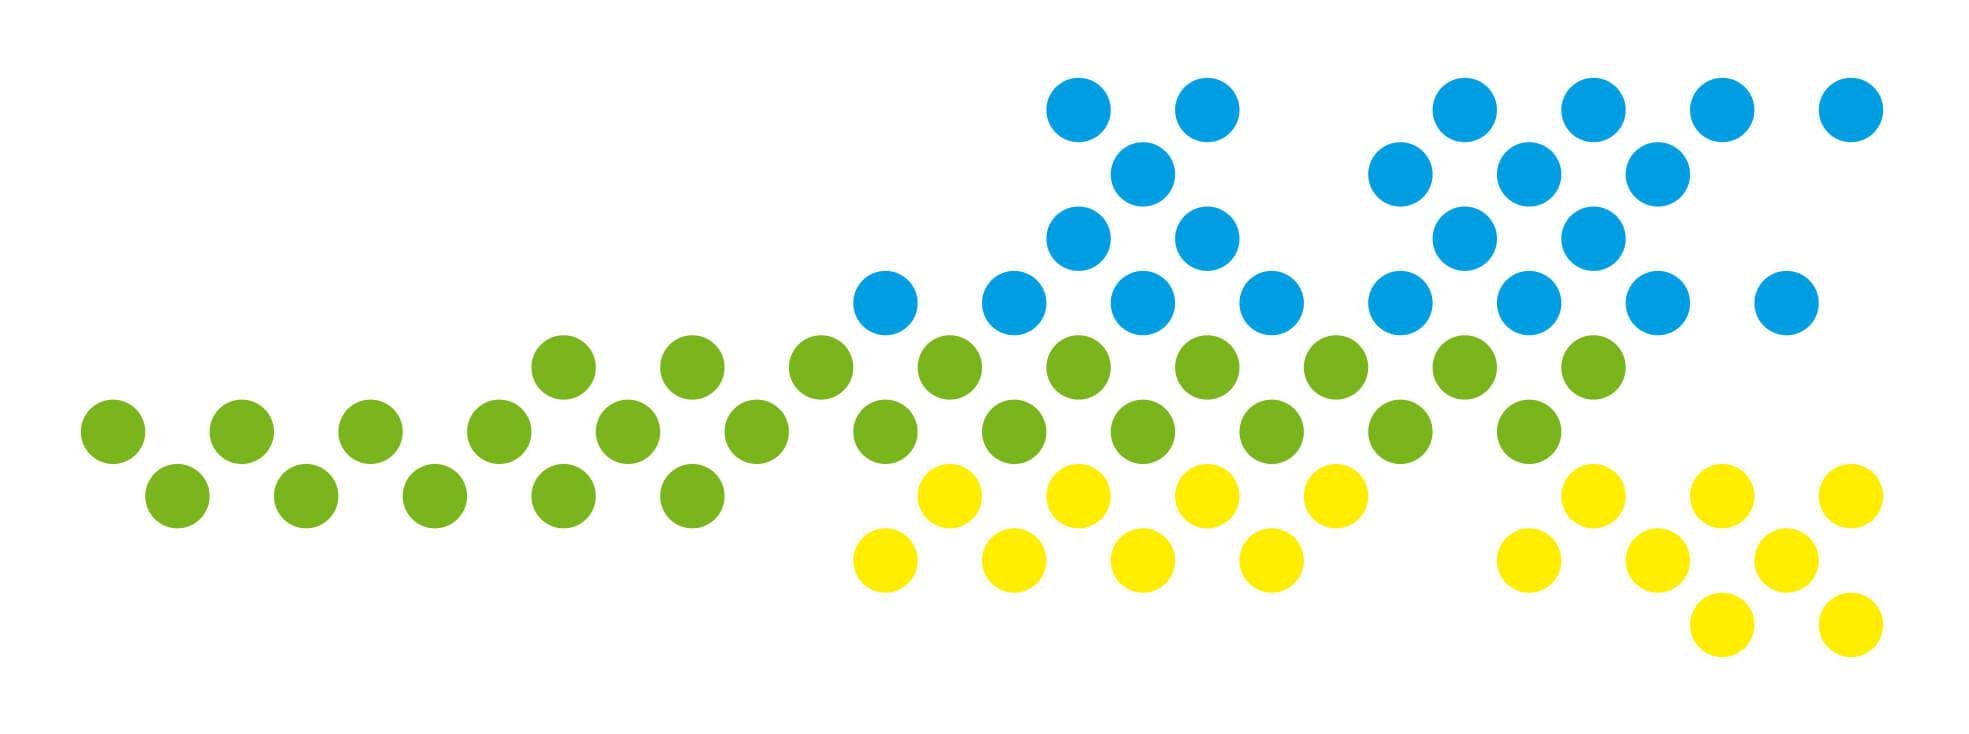 Wepod autonomous vehicle dots